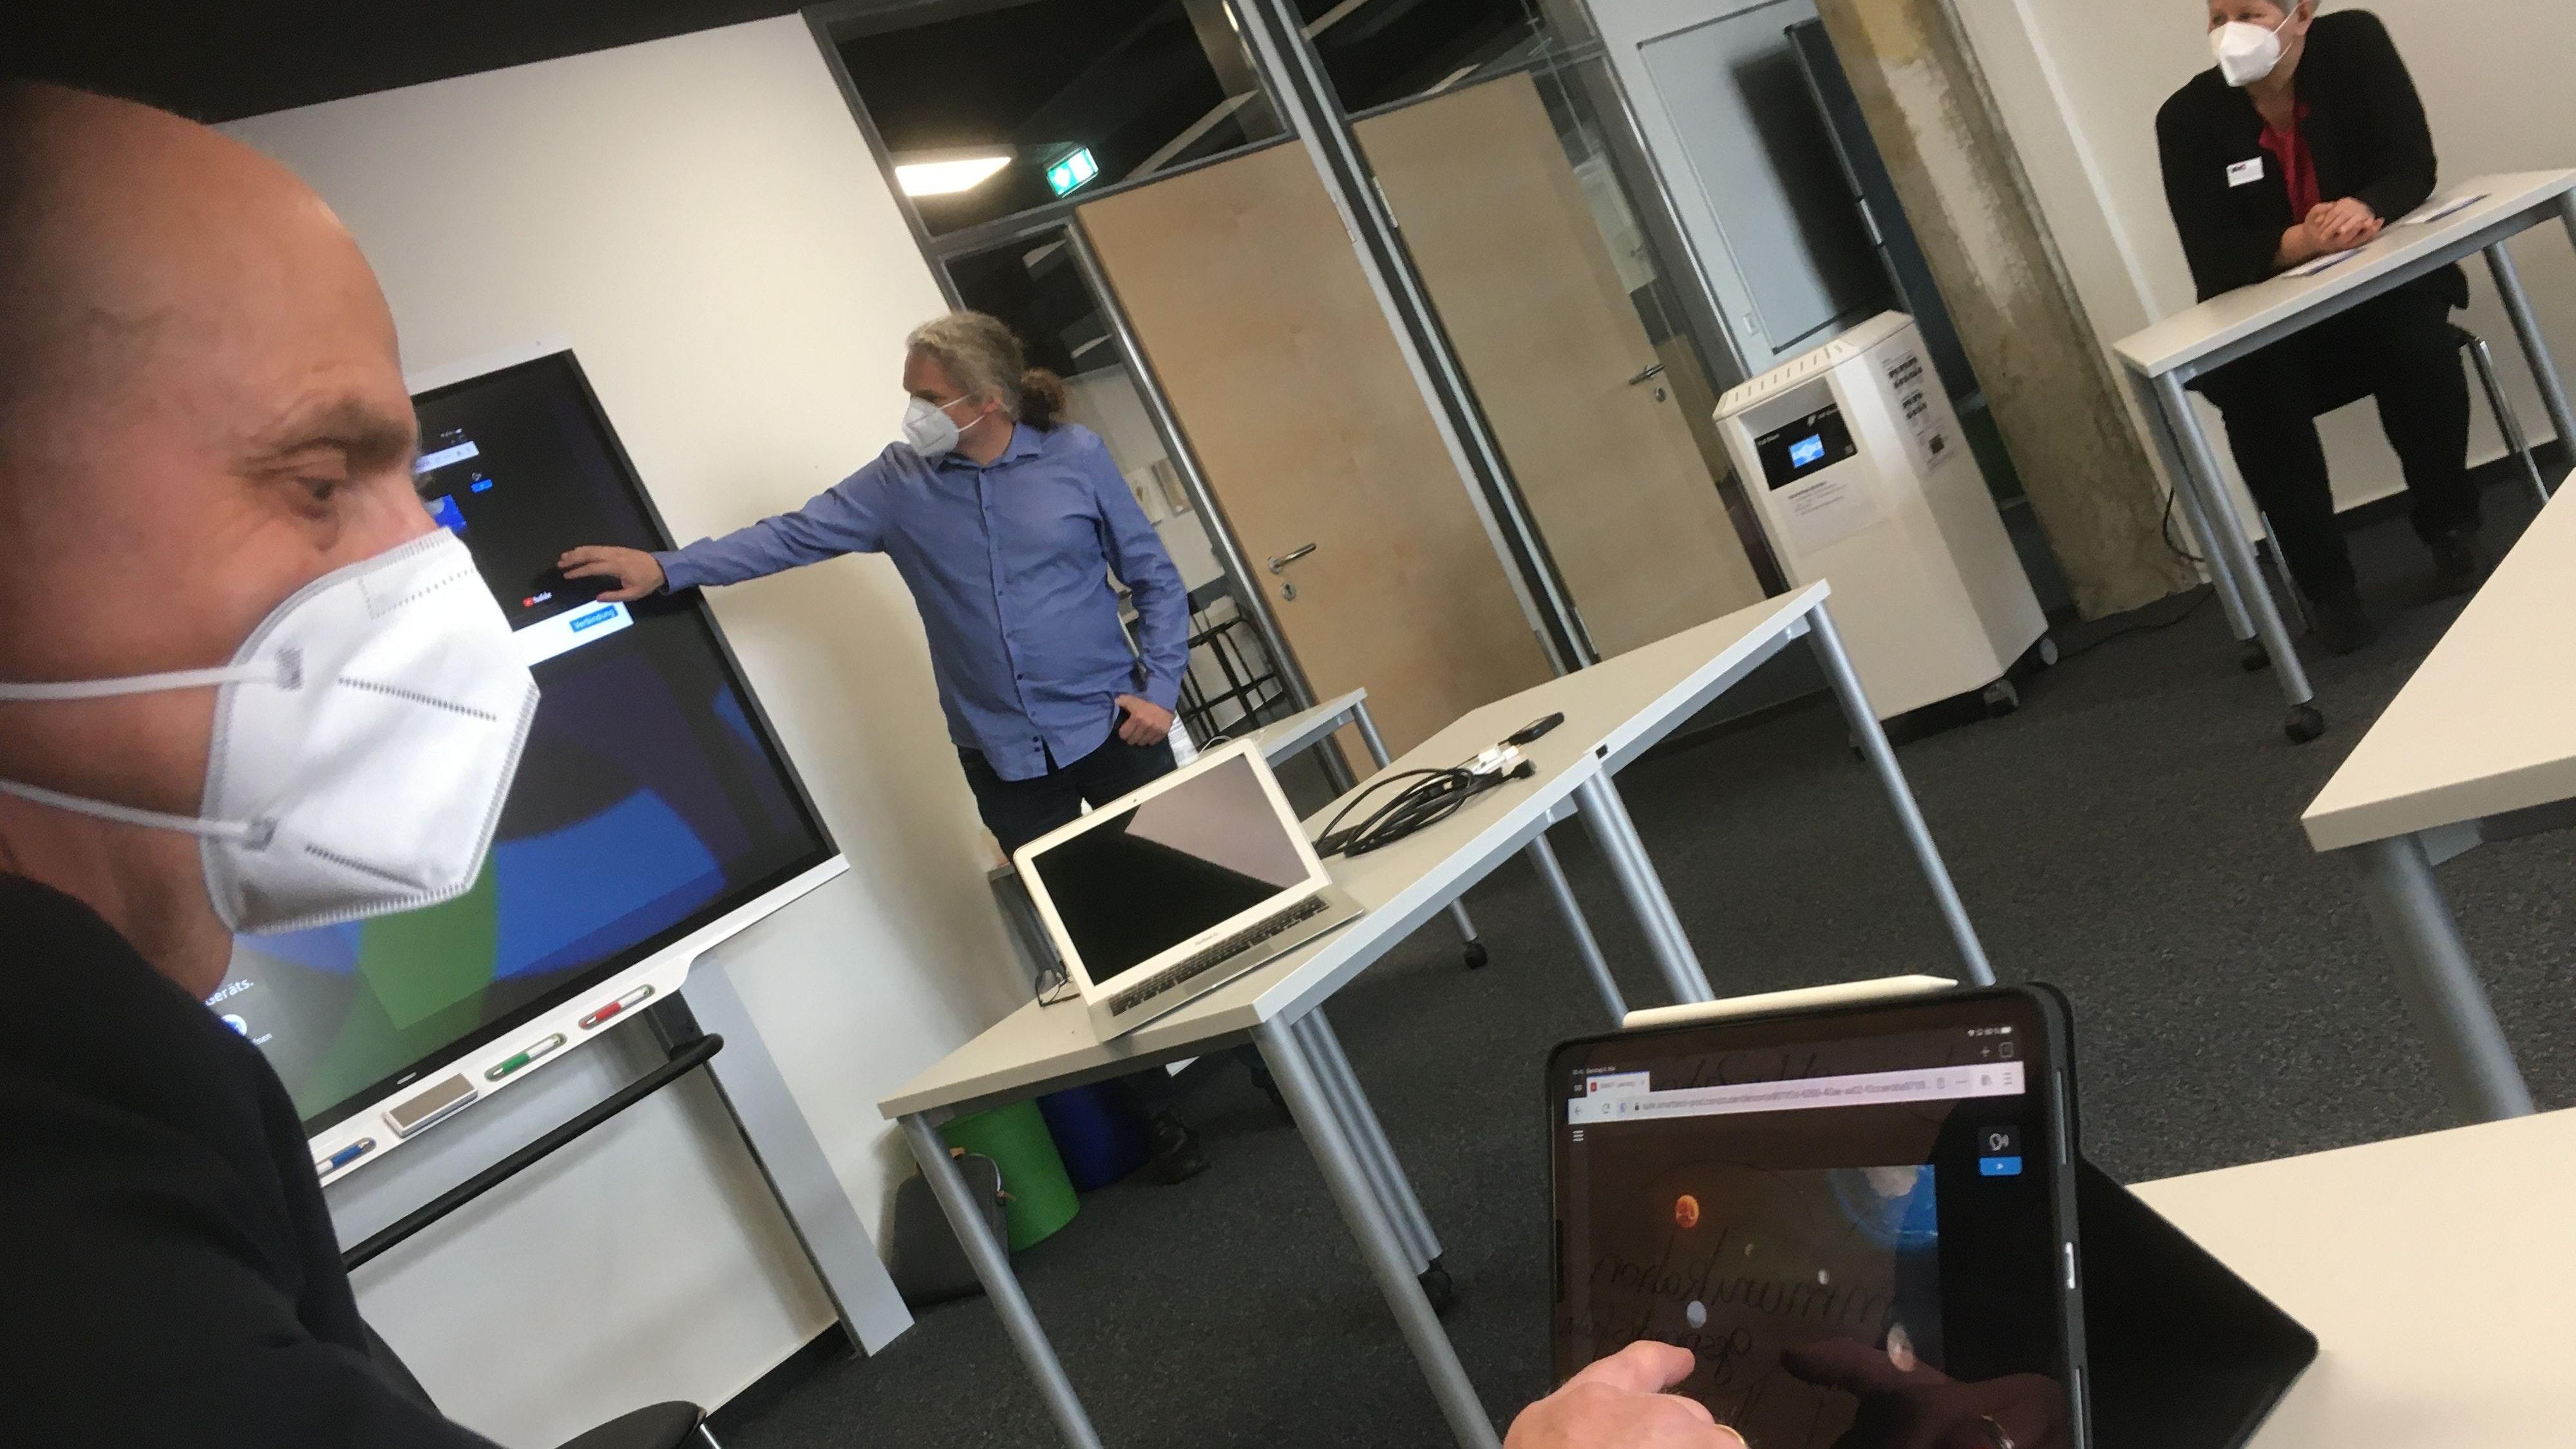 Probelauf in der VHS: Uwe Schöpperle tippt die Aufgabe an, das Smartboard zeigt sie. Im Hintergrund Maik Riecken und Kathrin Würdemann. Foto: Kreke